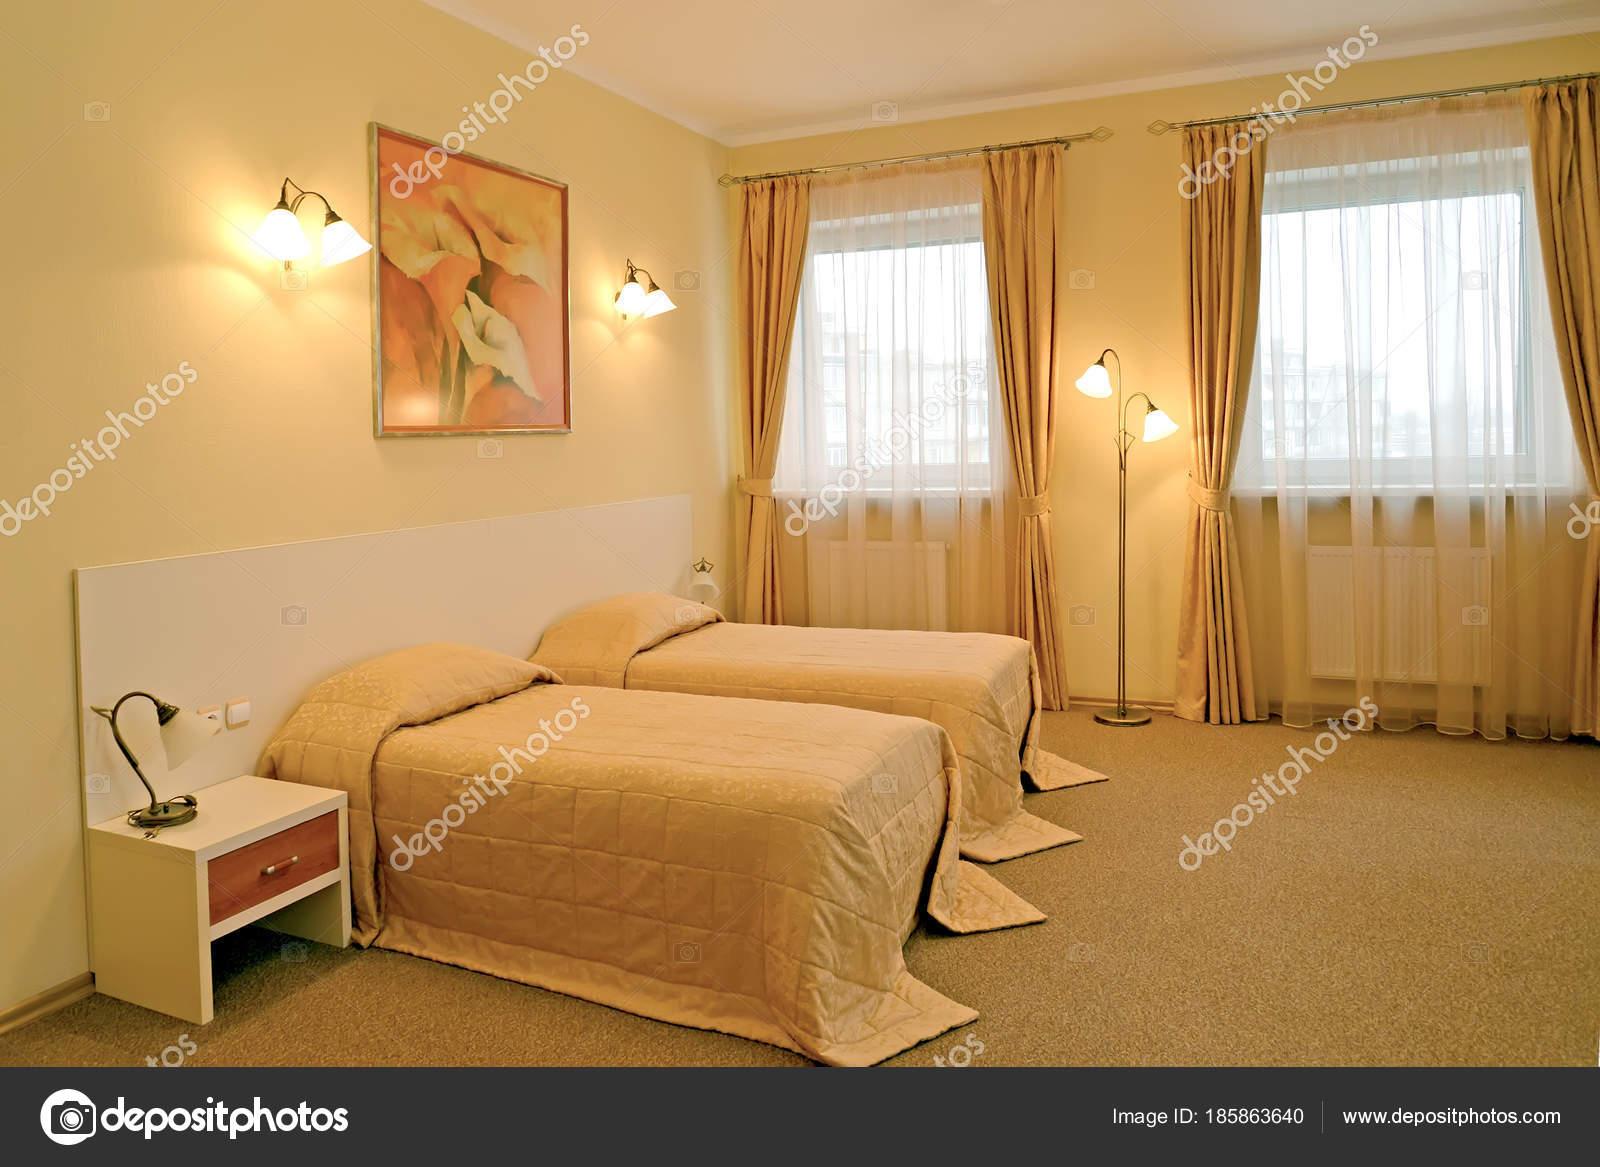 Slaapkamer Warme Kleuren : De klassieke slaapkamer met twee bedden in warme kleuren u2014 stockfoto